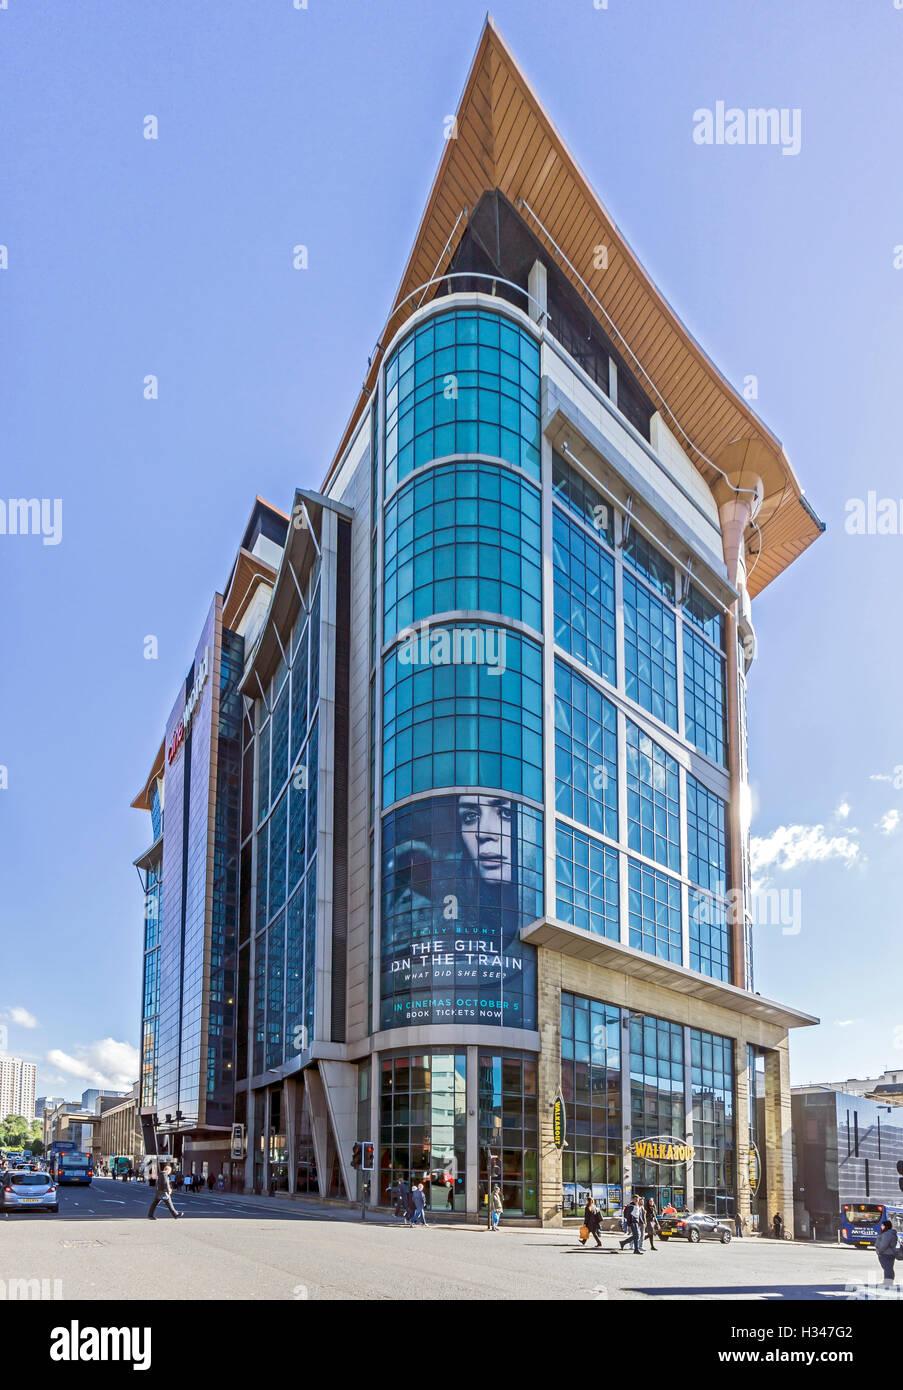 Cinéma CineWorld immeuble sur le coin de Killermont Street et West Nile Street Glasgow Ecosse Banque D'Images